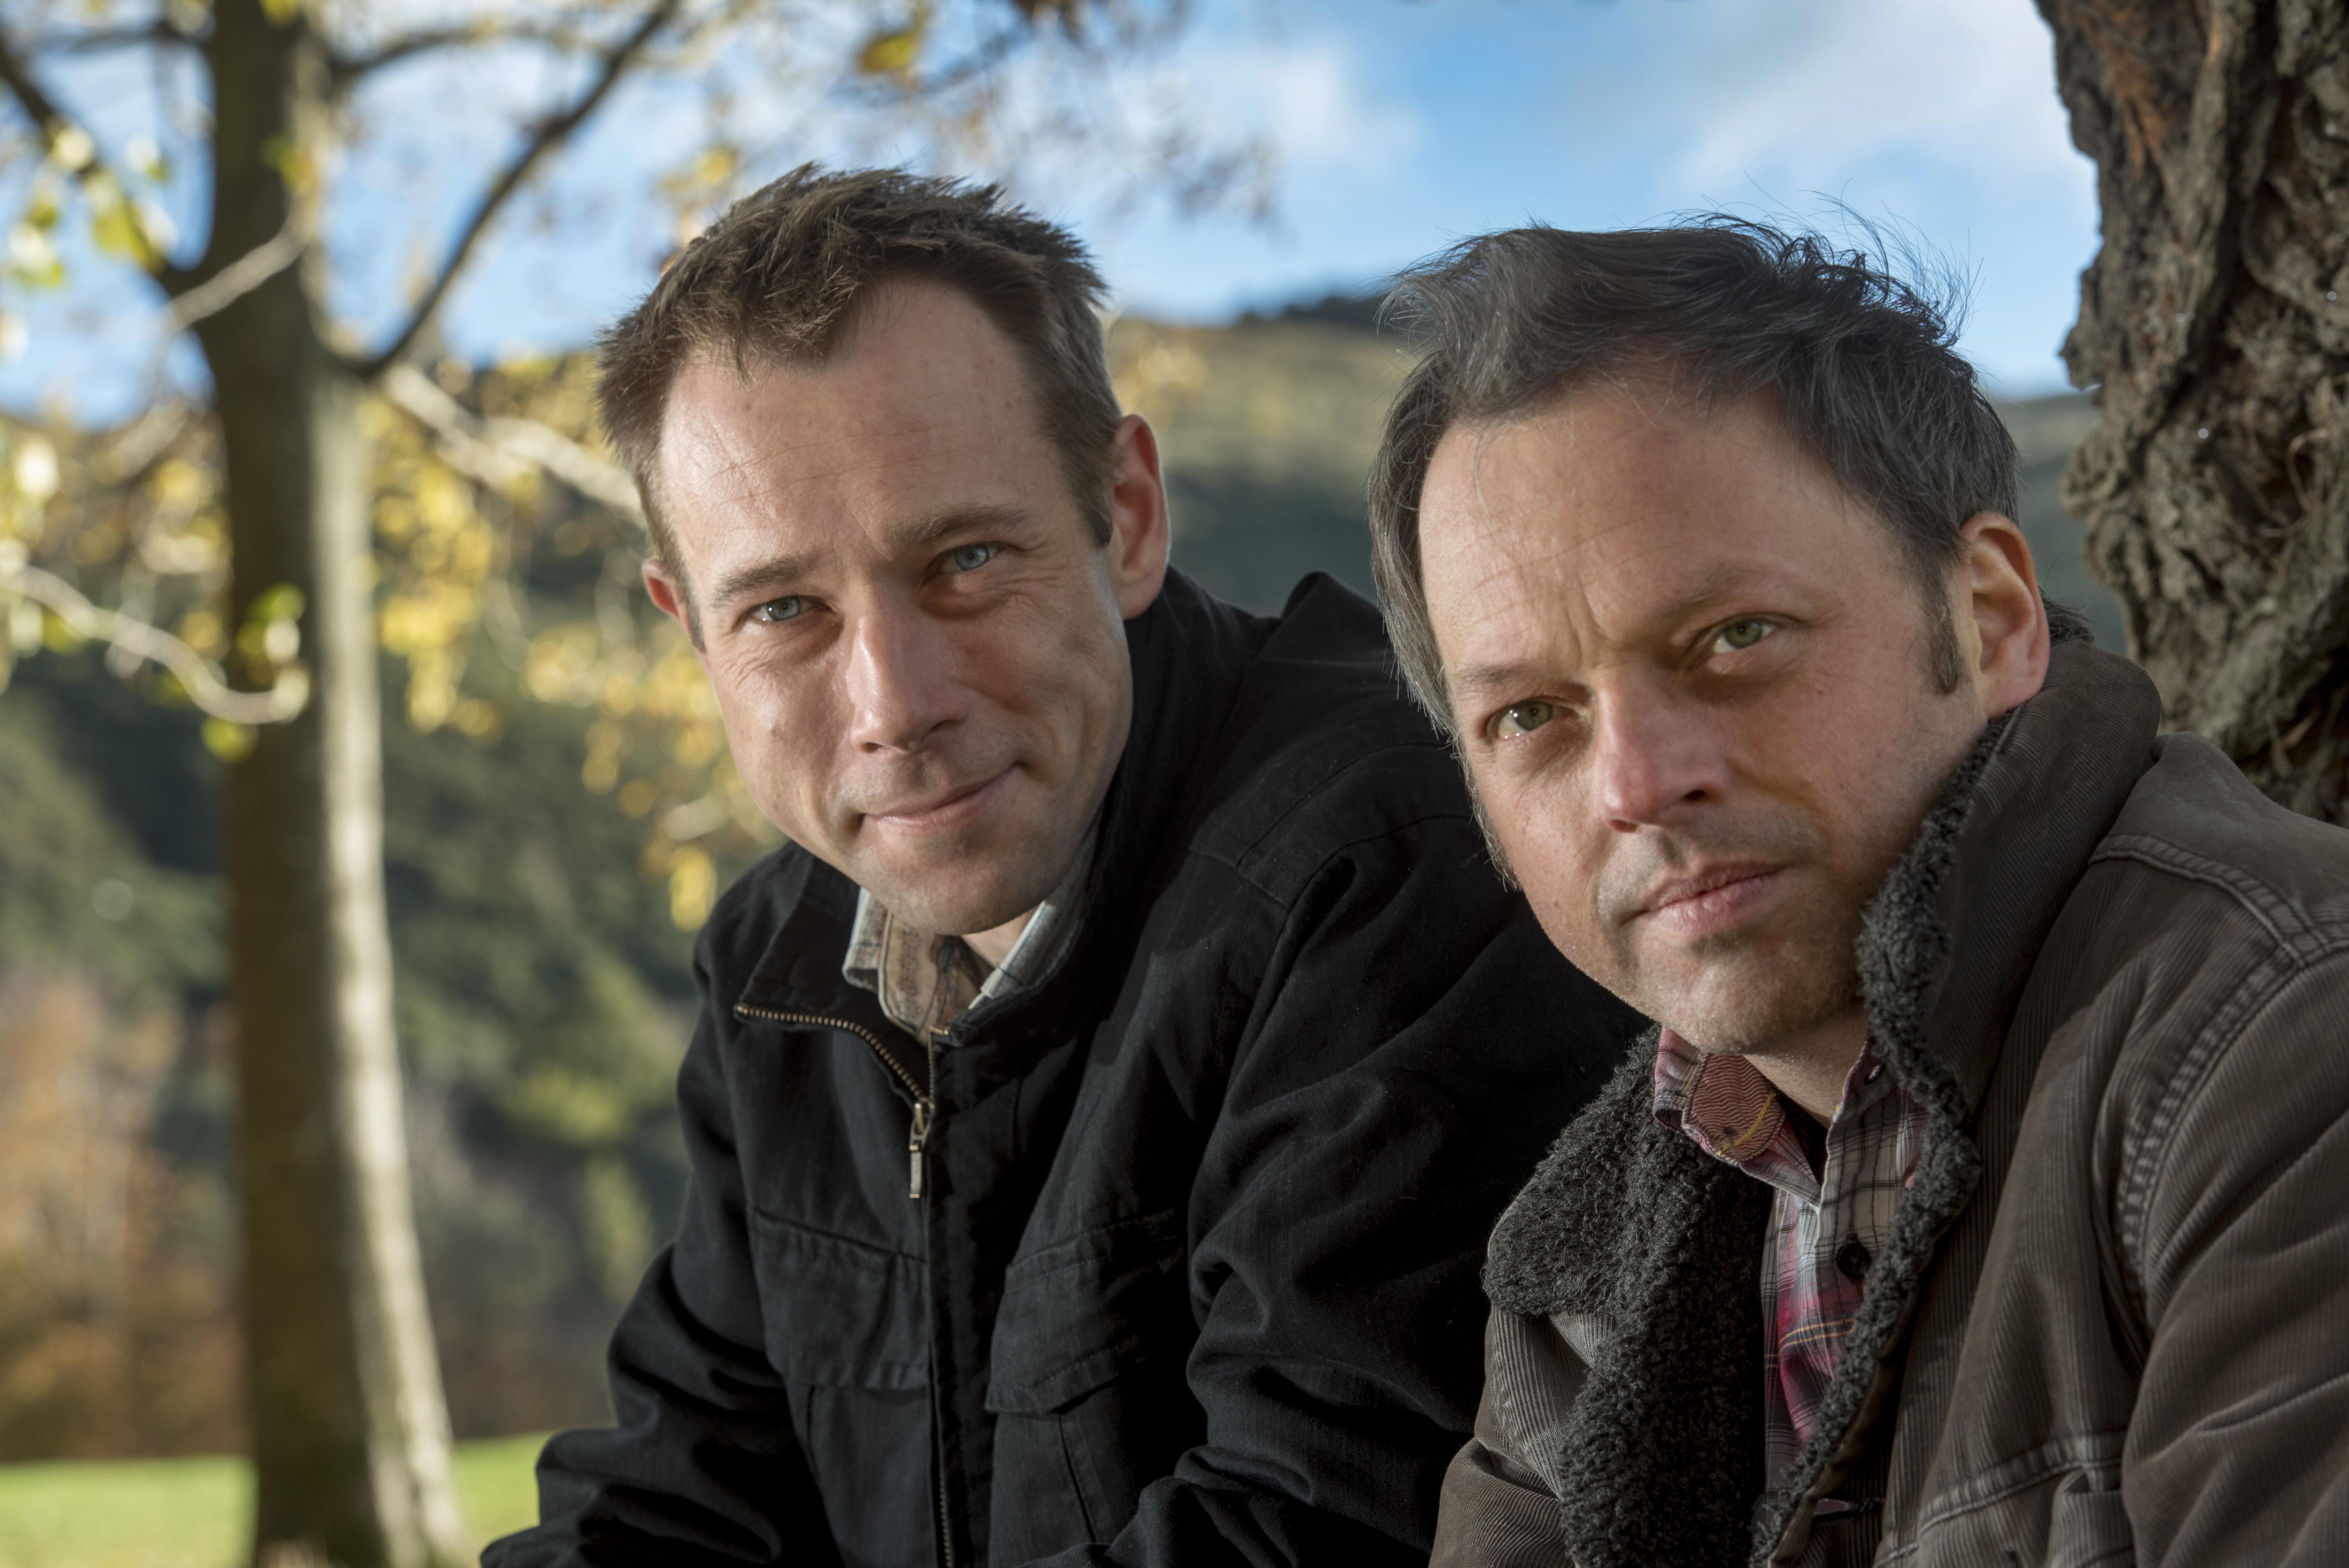 Fraser Fifield & Graeme Stephen